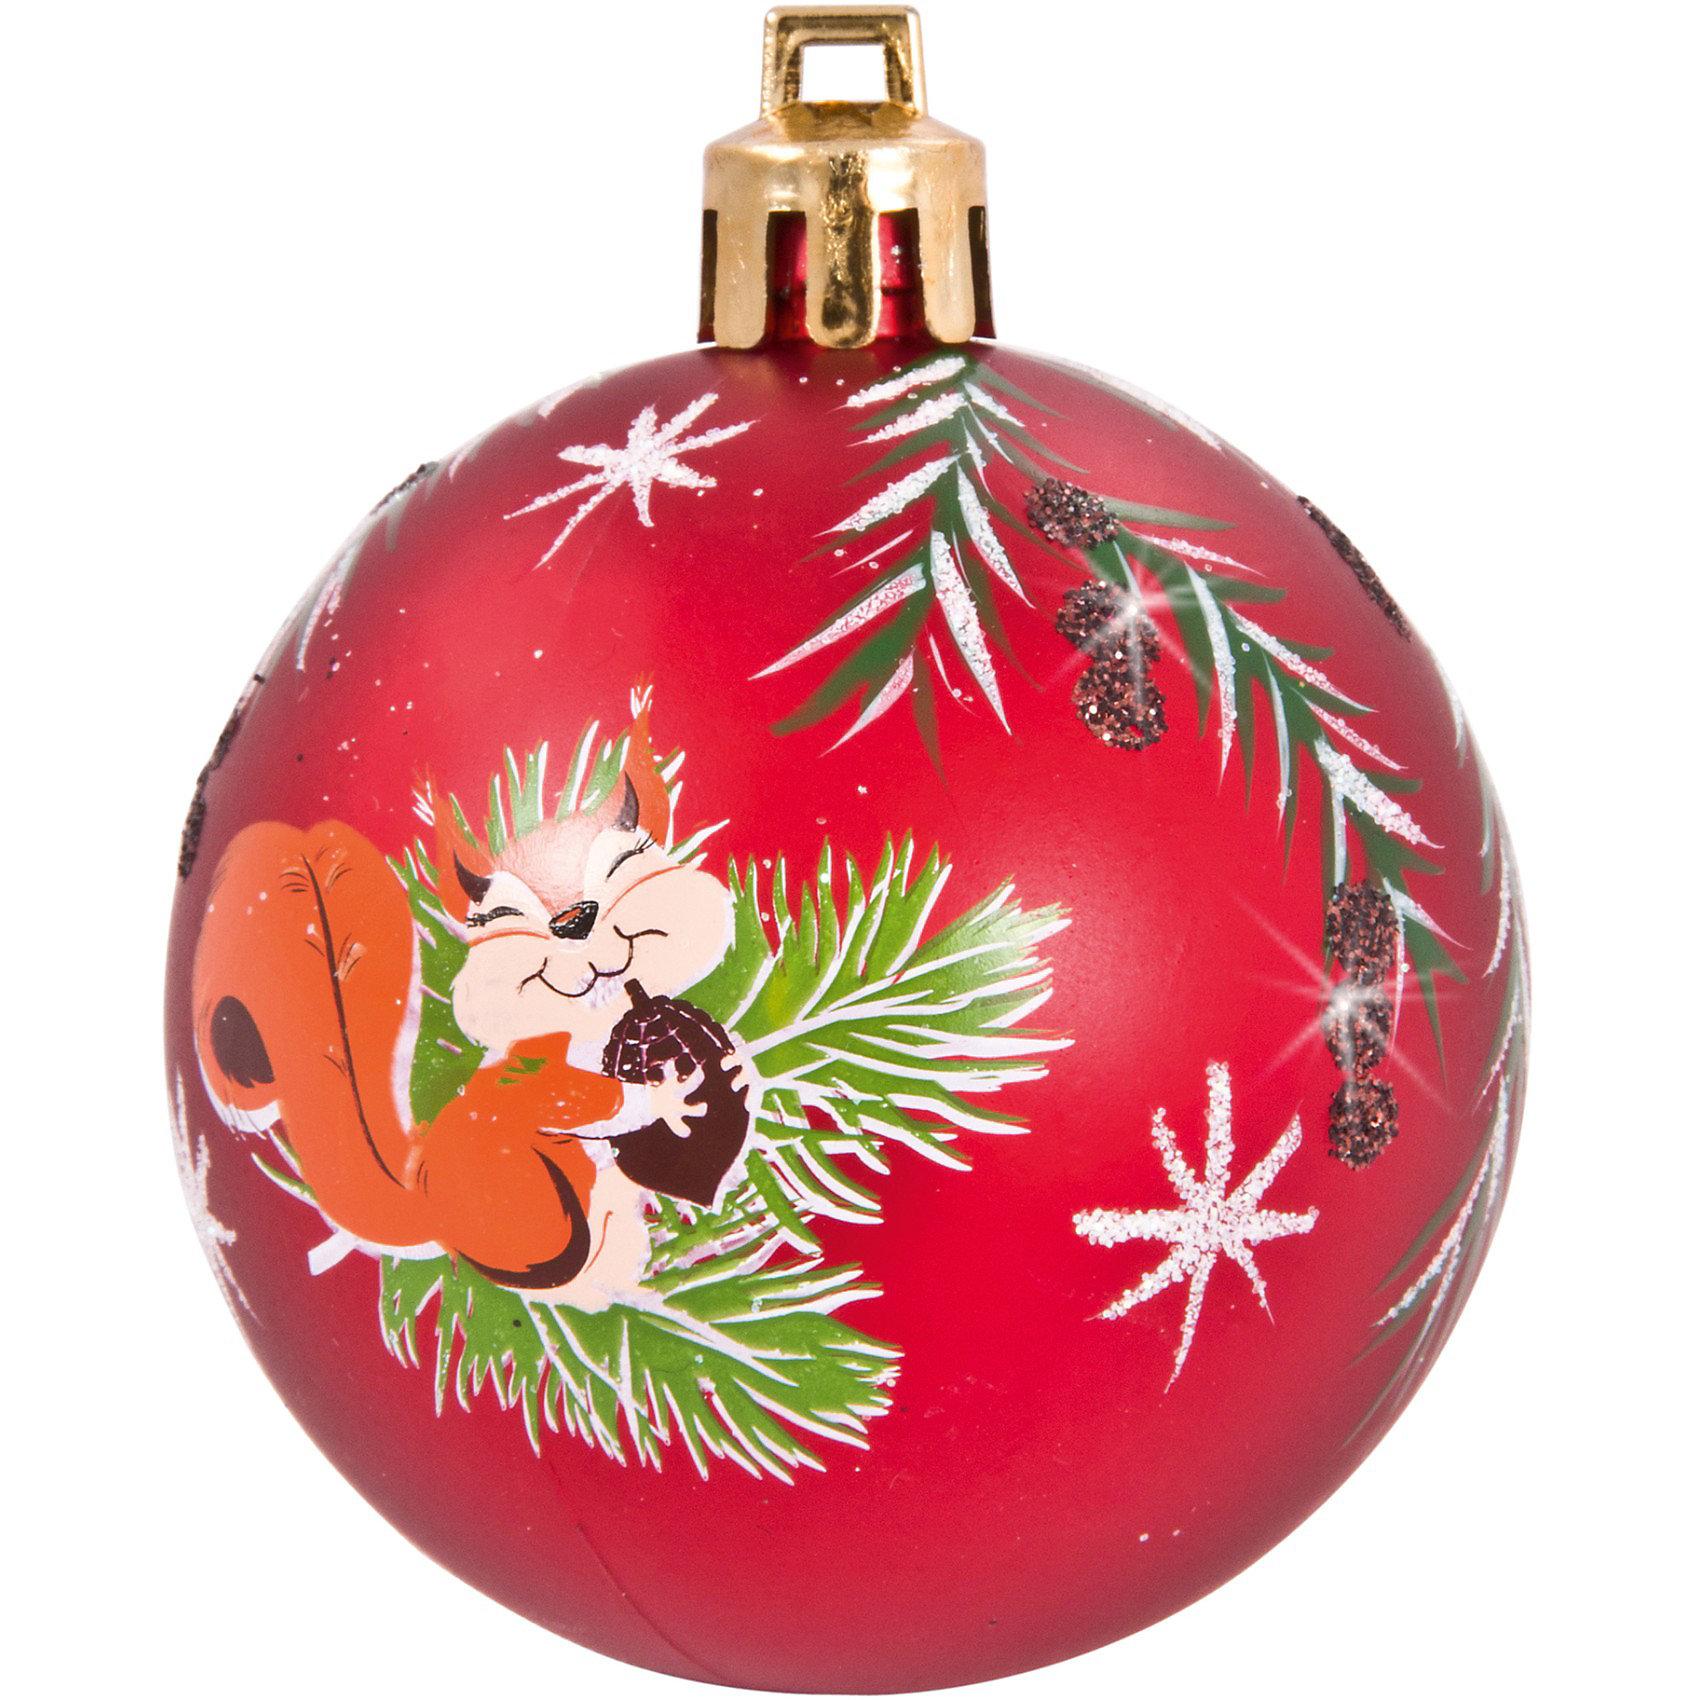 Шары с рисунком Белочка, 6 см, 4 шт., цвет - красныйШары с рисунком Белочка, Волшебная страна станут замечательным украшением для Вашей новогодней елки и помогут создать праздничную волшебную атмосферу. В<br>комплекте четыре красных шара с изображением симпатичной белочки, они будут чудесно смотреться на елке и радовать детей и взрослых. Шары упакованы в прозрачную<br>коробочку из ПВХ.<br><br>Дополнительная информация:<br><br>- Цвет: красный.<br>- В комплекте: 4 шт.<br>- Диаметр шара: 6 см.<br>- Размер упаковки: 12 x 12 x 6 см.<br>- Вес: 75 гр.<br><br>Шары с рисунком Белочка, Волшебная страна, можно купить в нашем интернет-магазине.<br><br>Ширина мм: 530<br>Глубина мм: 120<br>Высота мм: 60<br>Вес г: 75<br>Возраст от месяцев: 60<br>Возраст до месяцев: 180<br>Пол: Унисекс<br>Возраст: Детский<br>SKU: 3791382